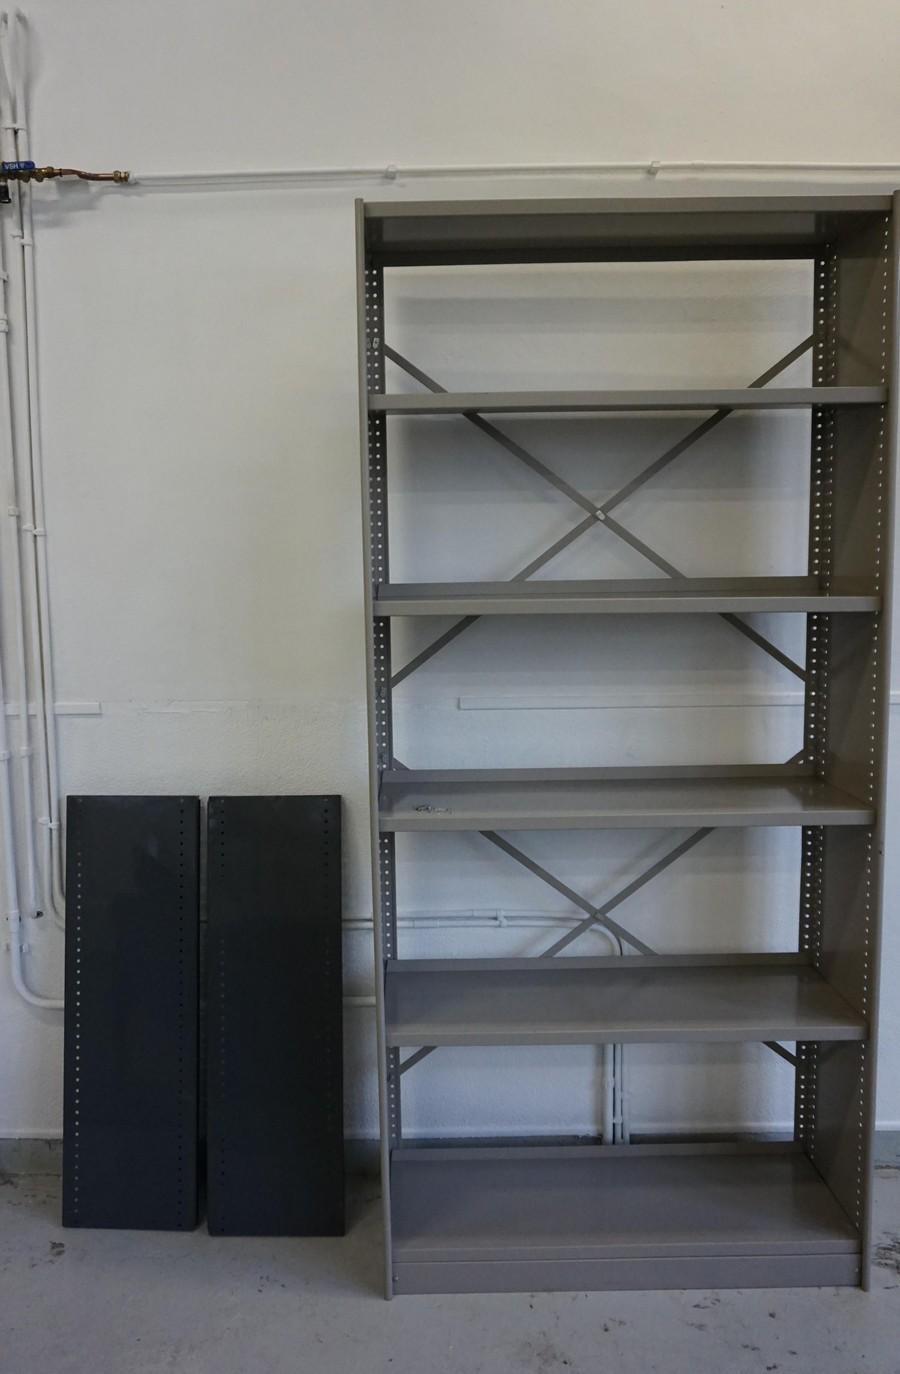 Industri u00eble vintage metalen kast, boekenkast, wandkast Stabilux ontworpen door Friso Kramer voor